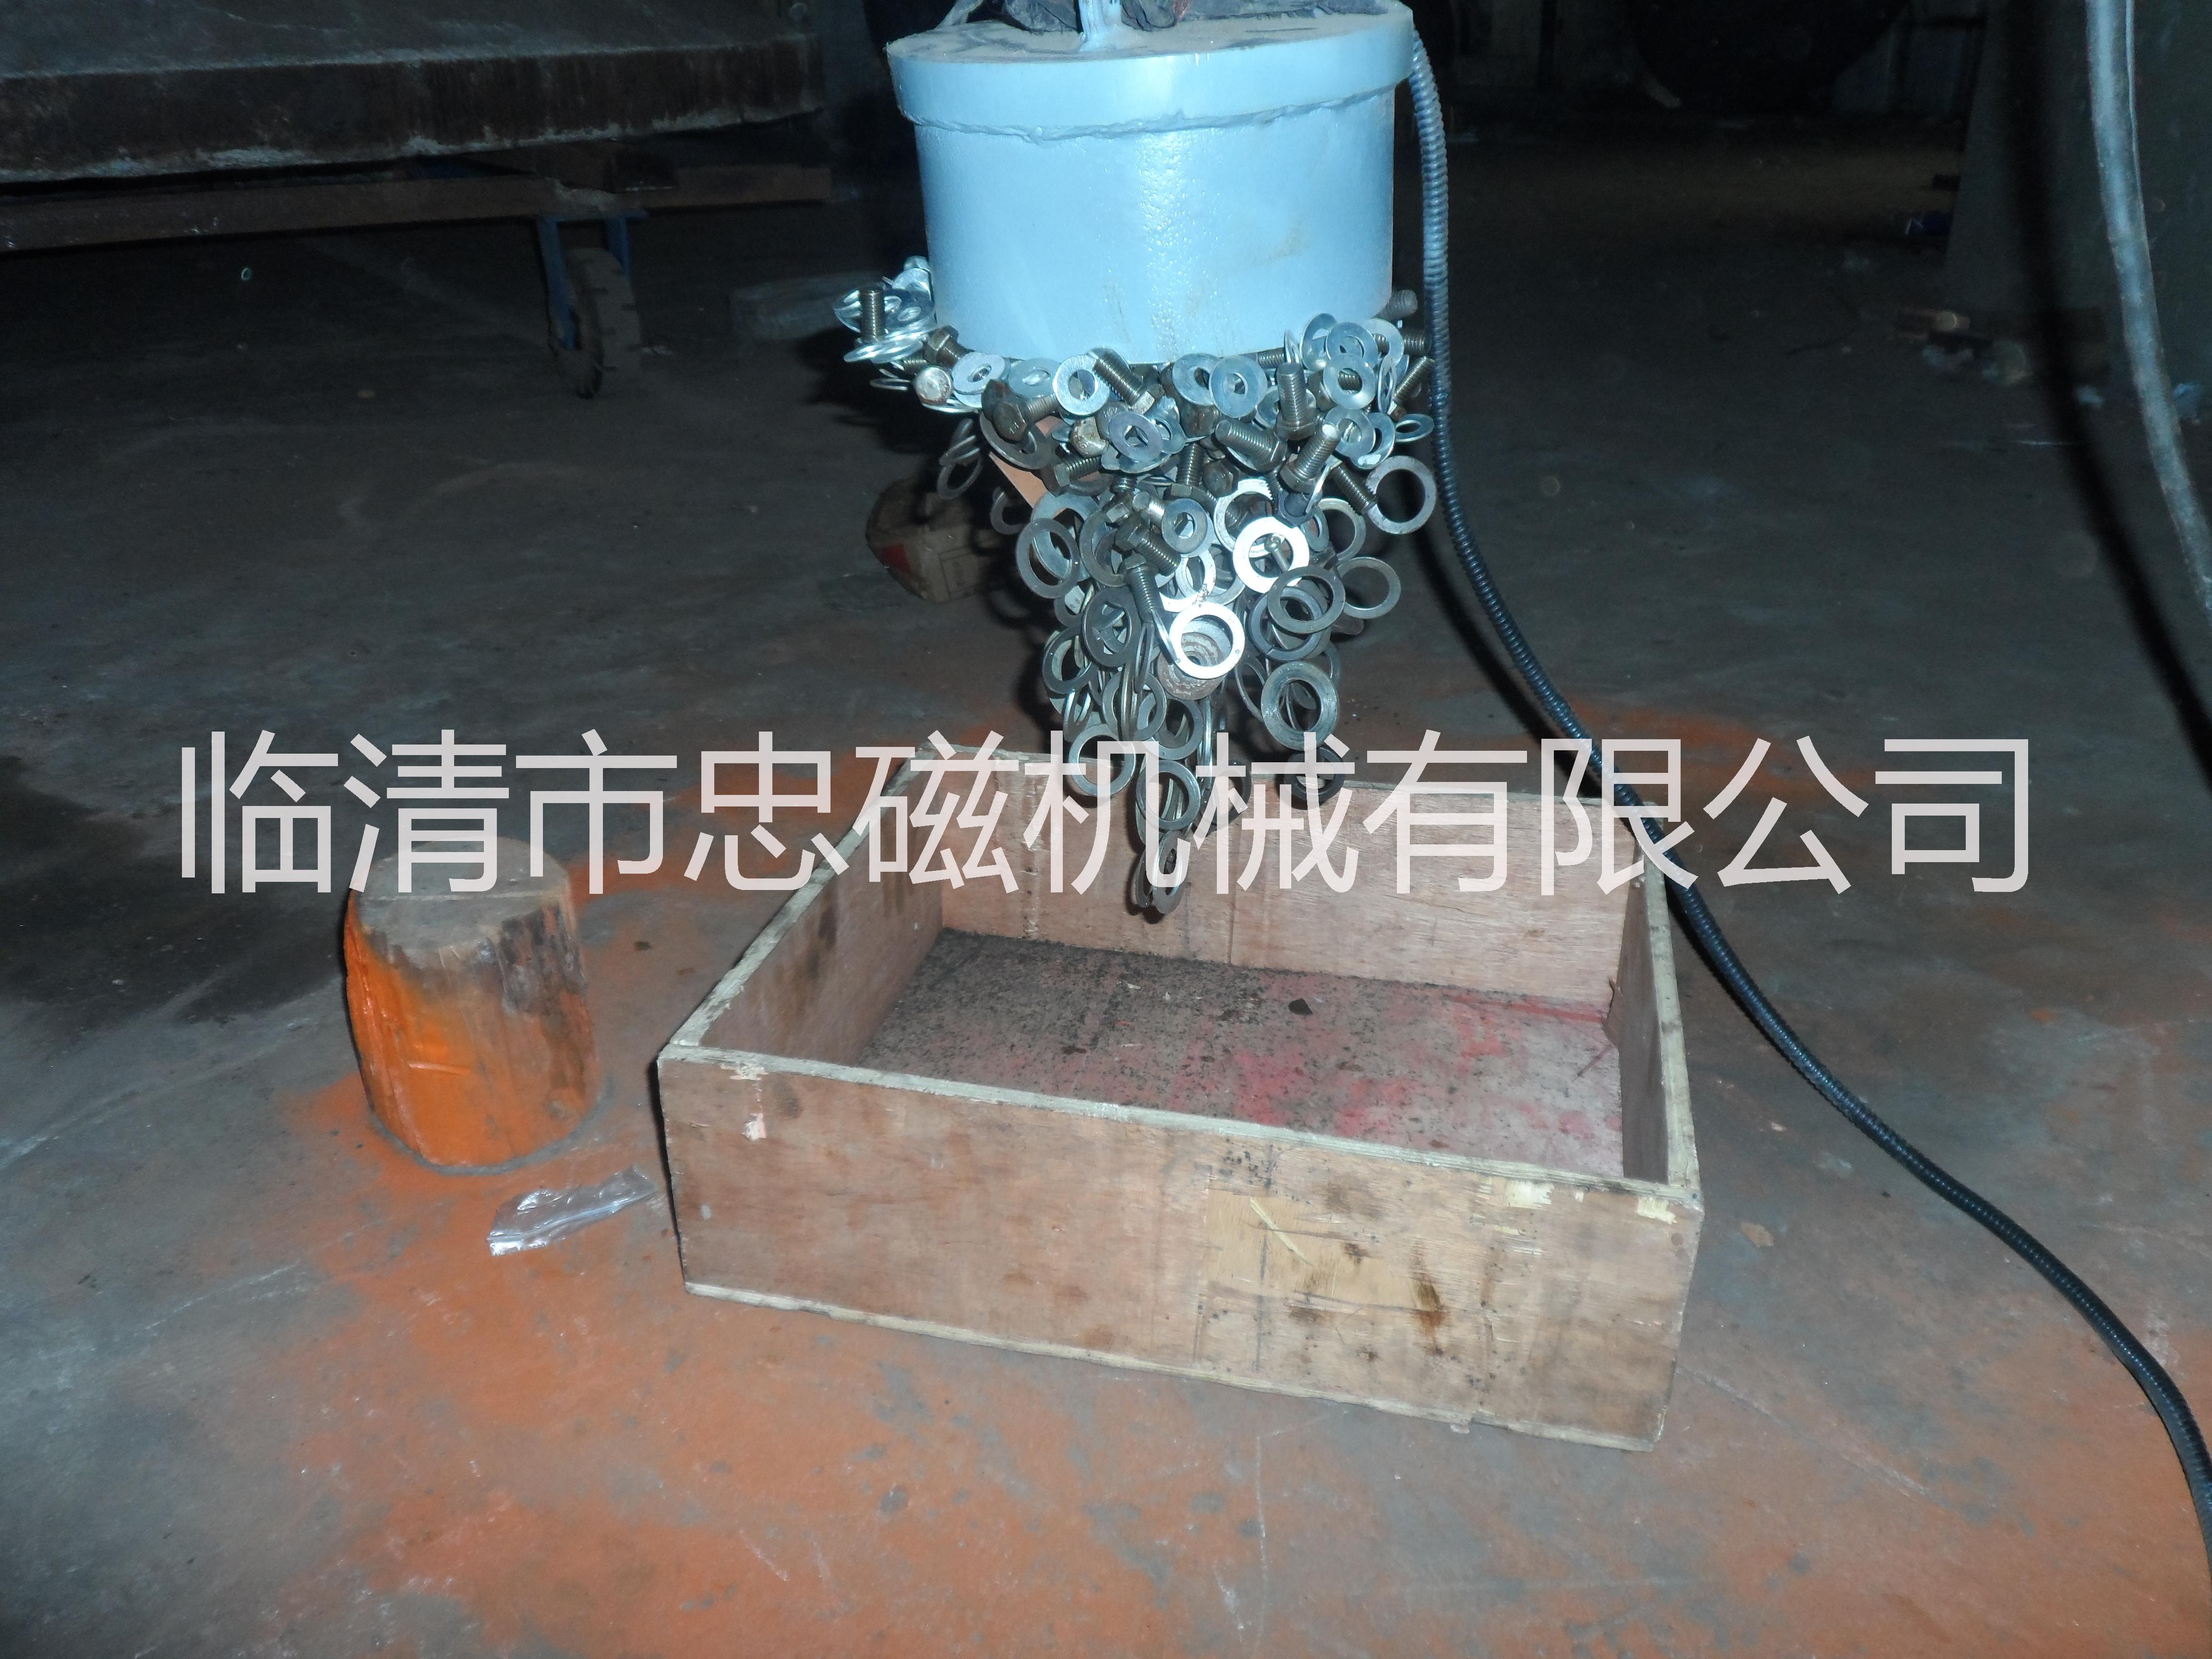 供应天津起重电磁吸盘生产批发厂家/起重电磁铁,电磁吊,高频电磁铁